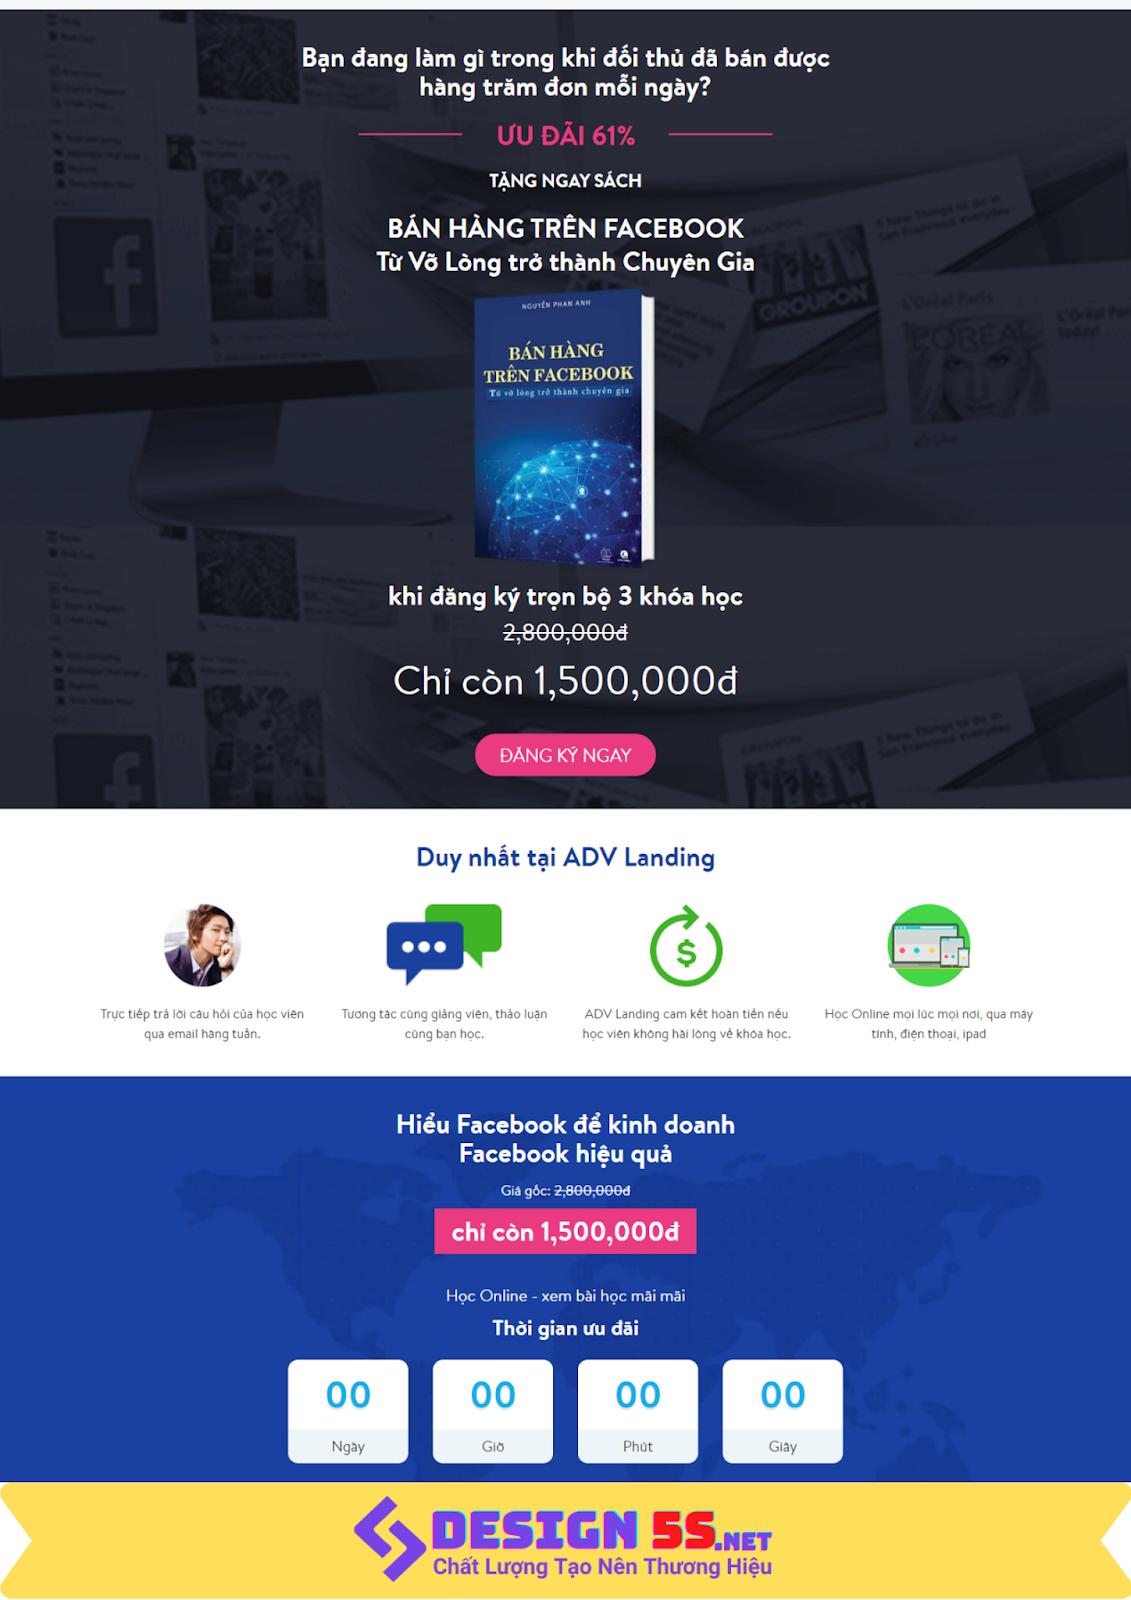 Mẫu giao diện web Landing Page Blogspot Dịch vụ cho Facebook - Ảnh 2